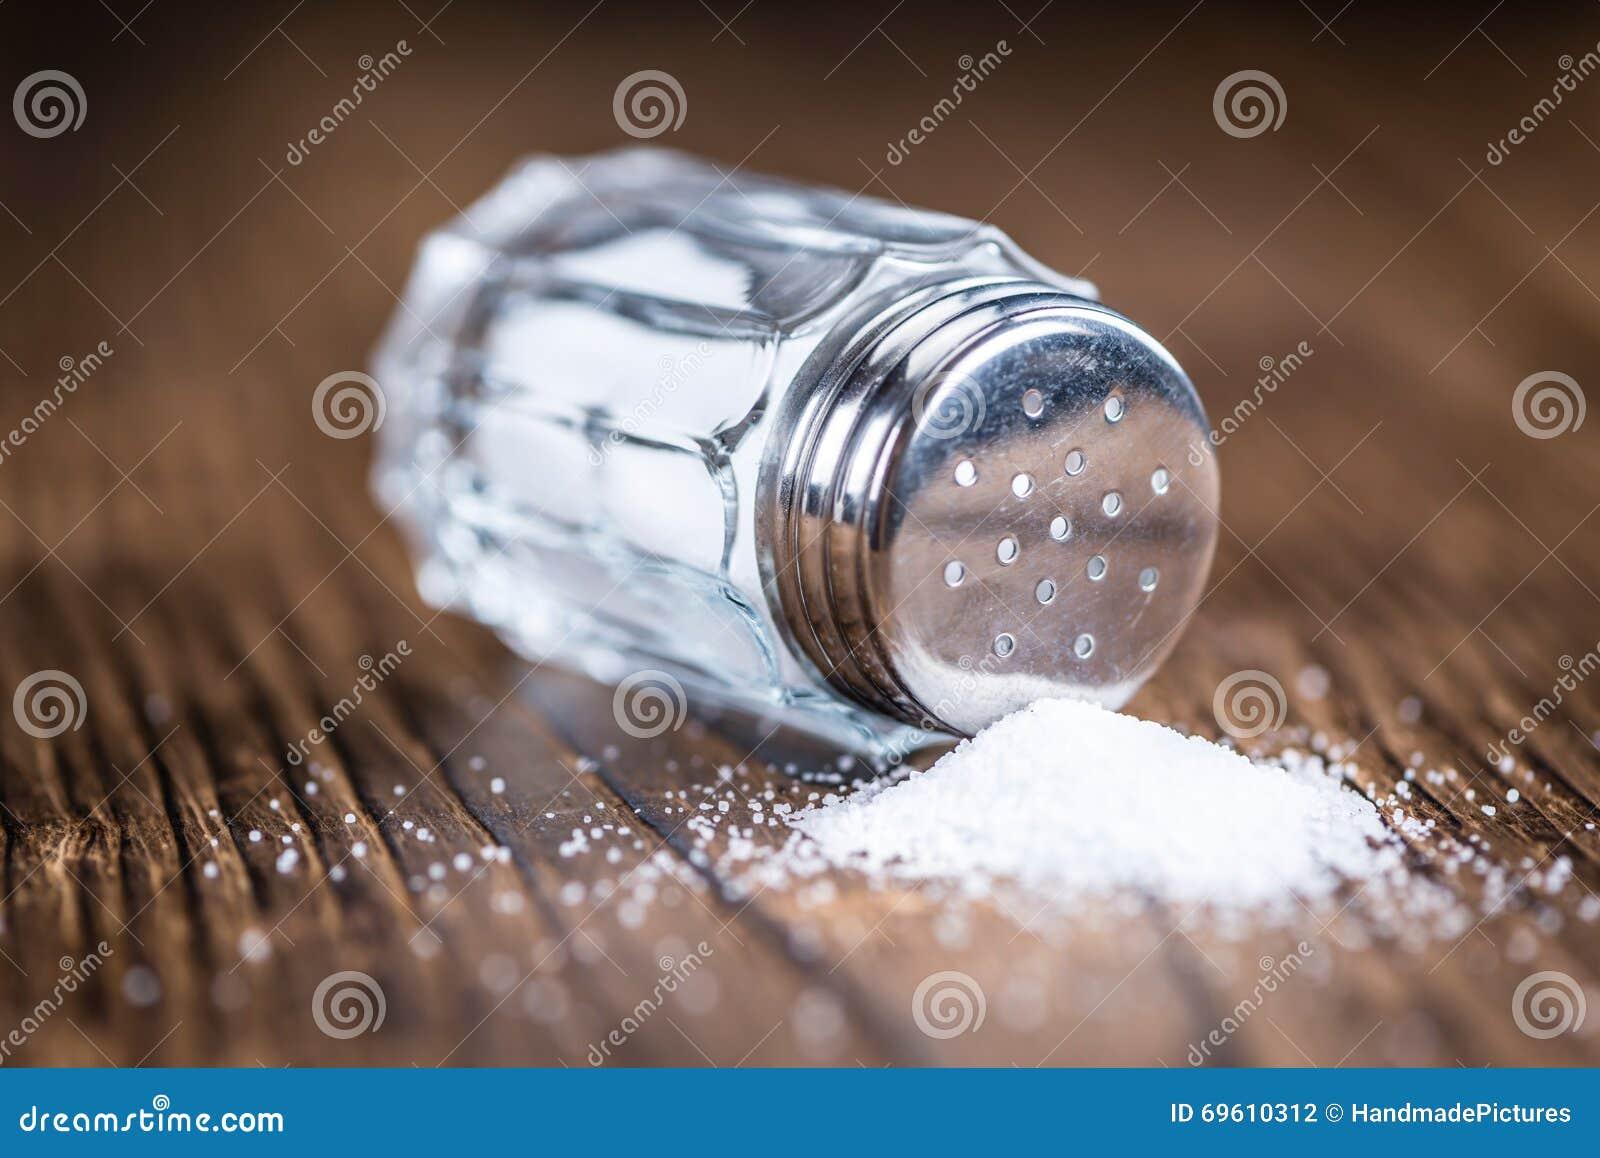 Abanador de sal